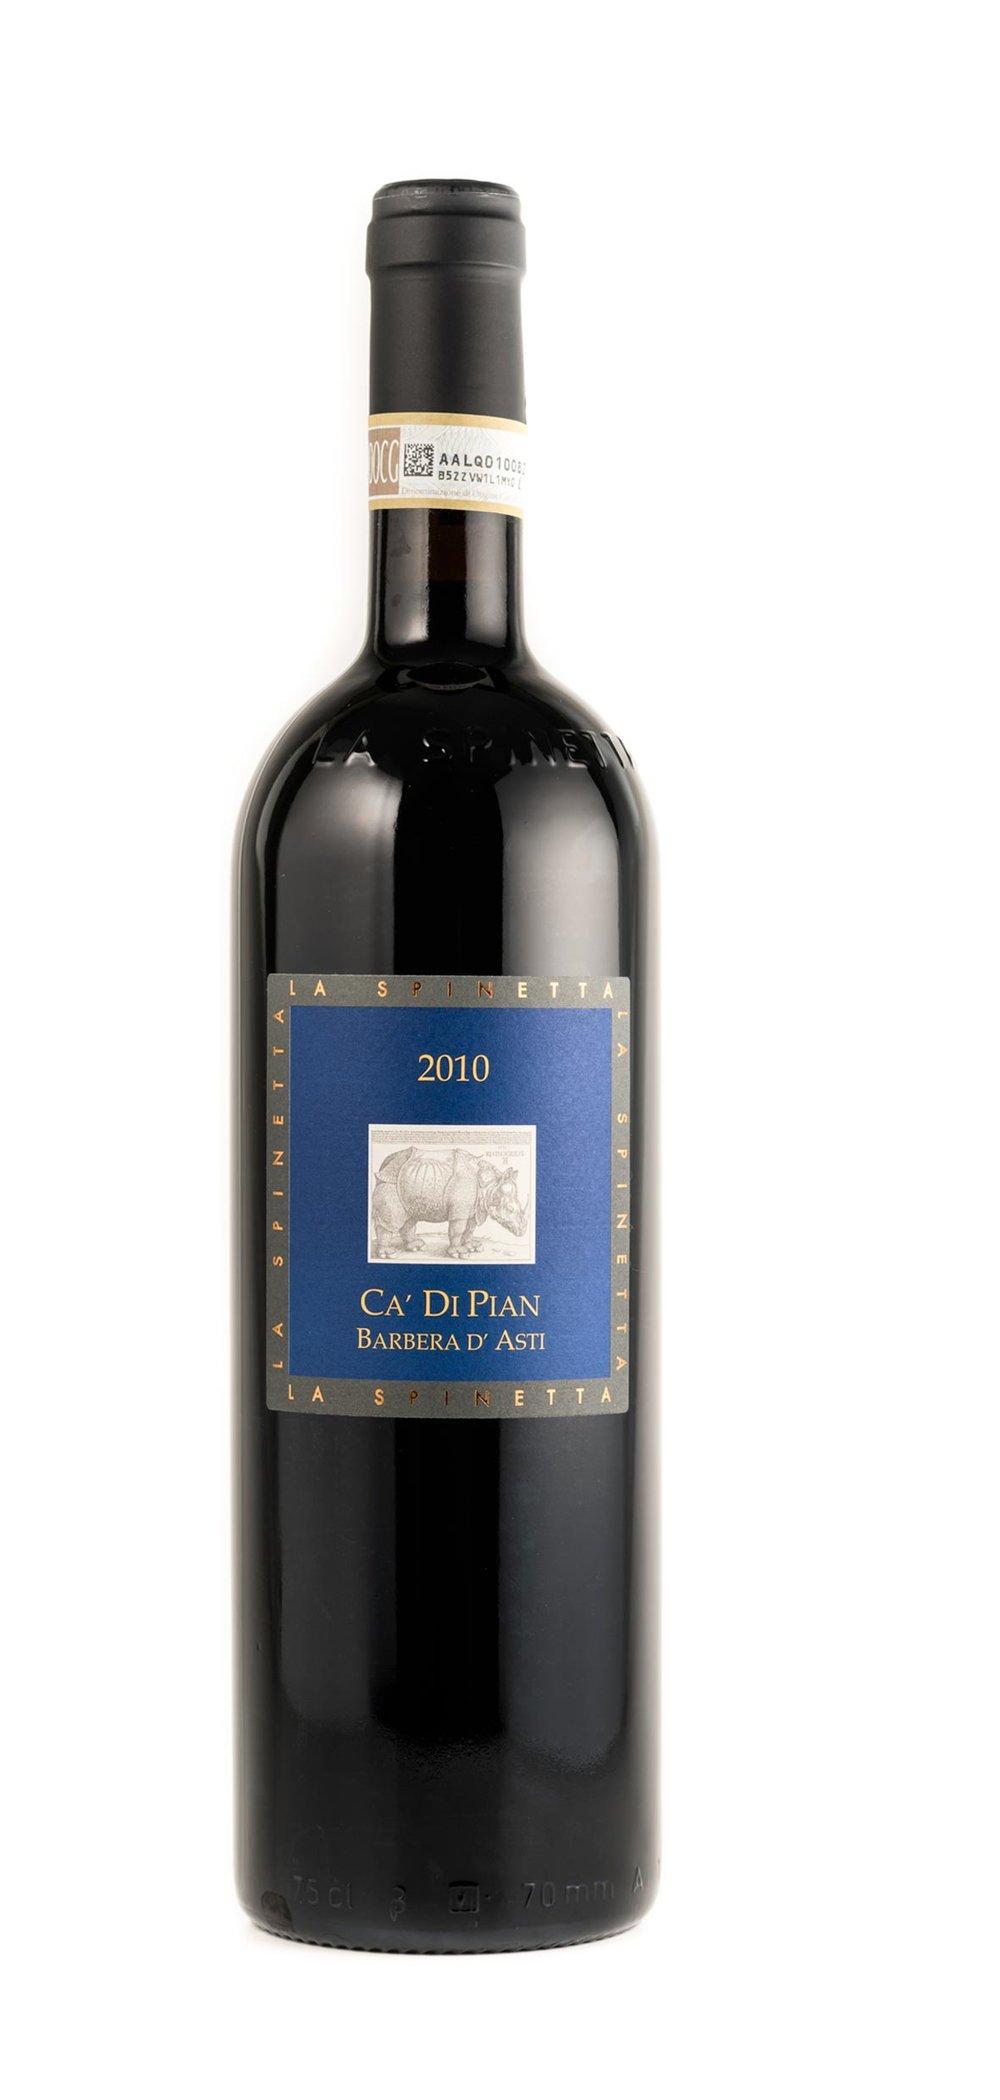 Wine-Spinetta-Piedmont-single-cadipian.jpg